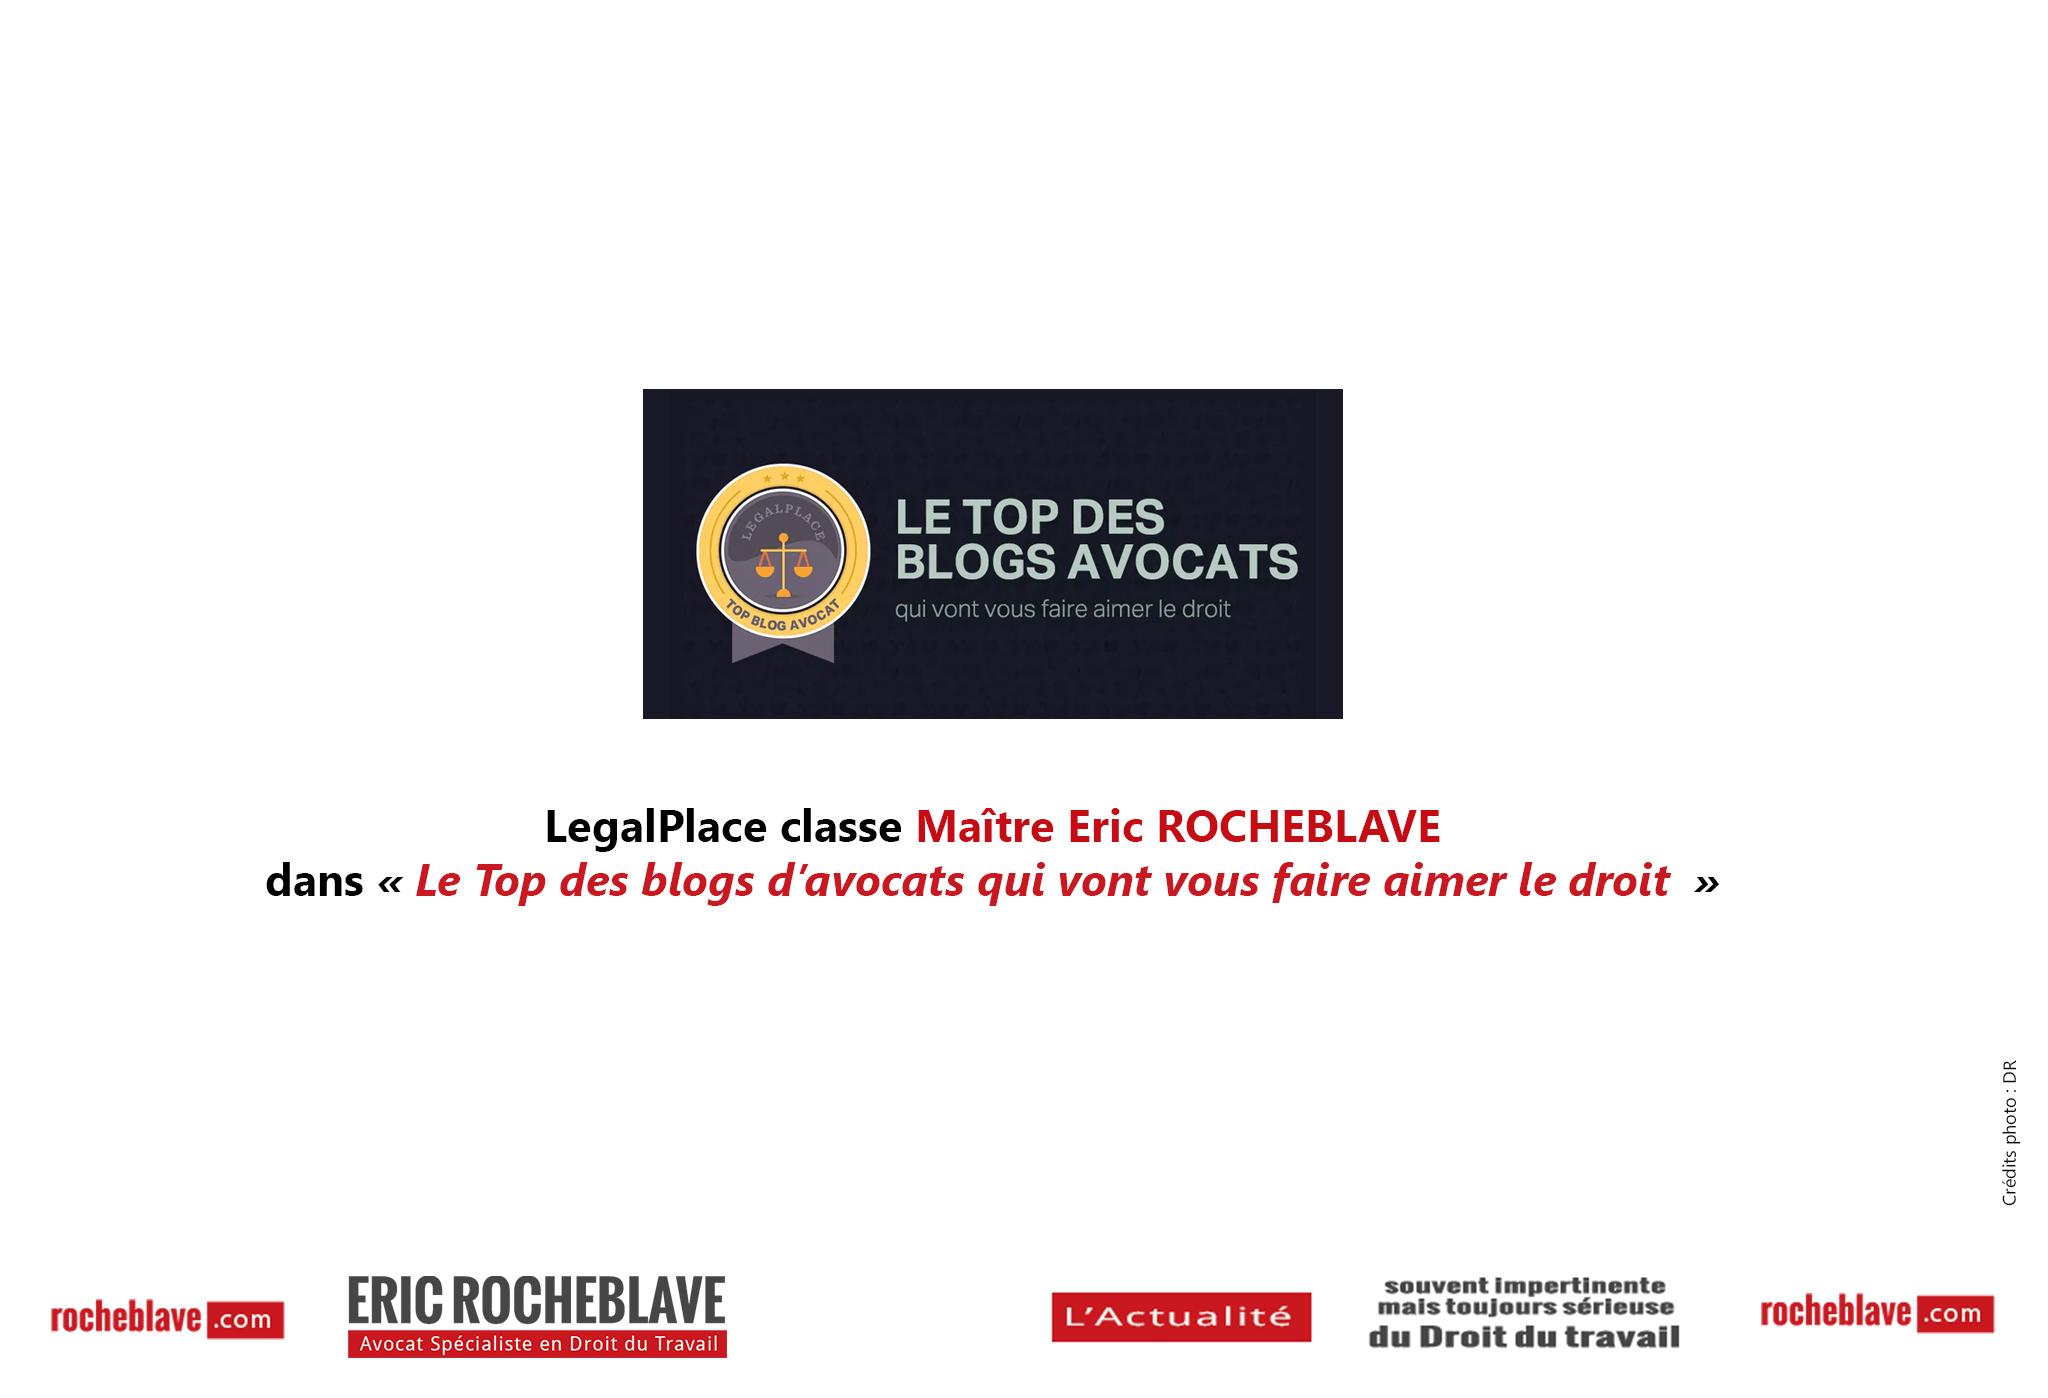 LegalPlace classe Maître Eric ROCHEBLAVE dans « Le Top des blogs d'avocats qui vont vous faire aimer le droit »